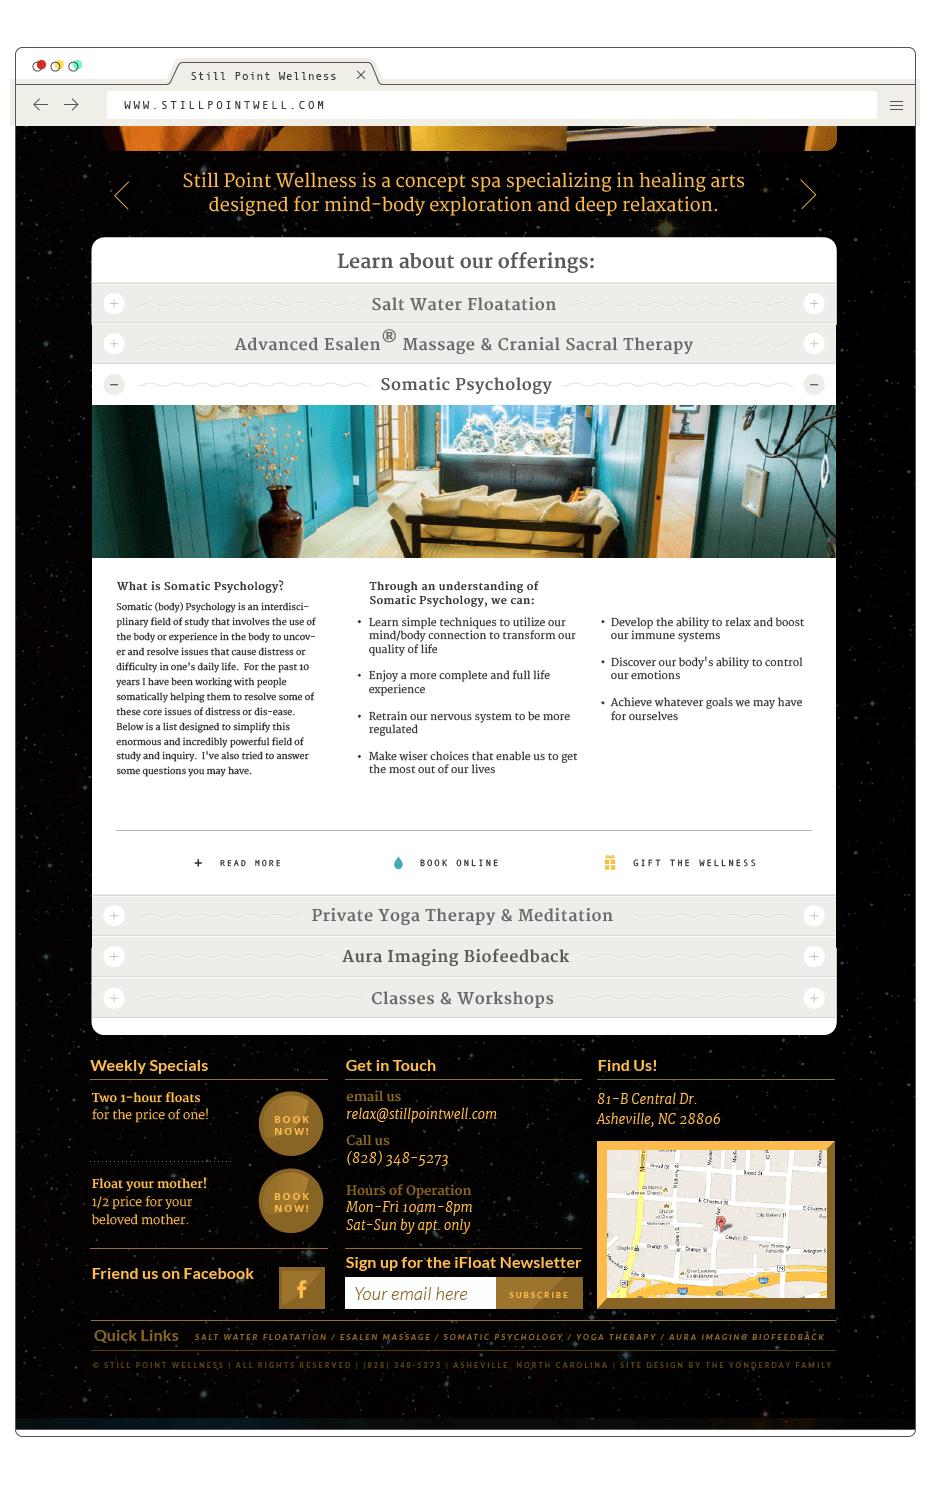 web-homepage-b-3x4-5